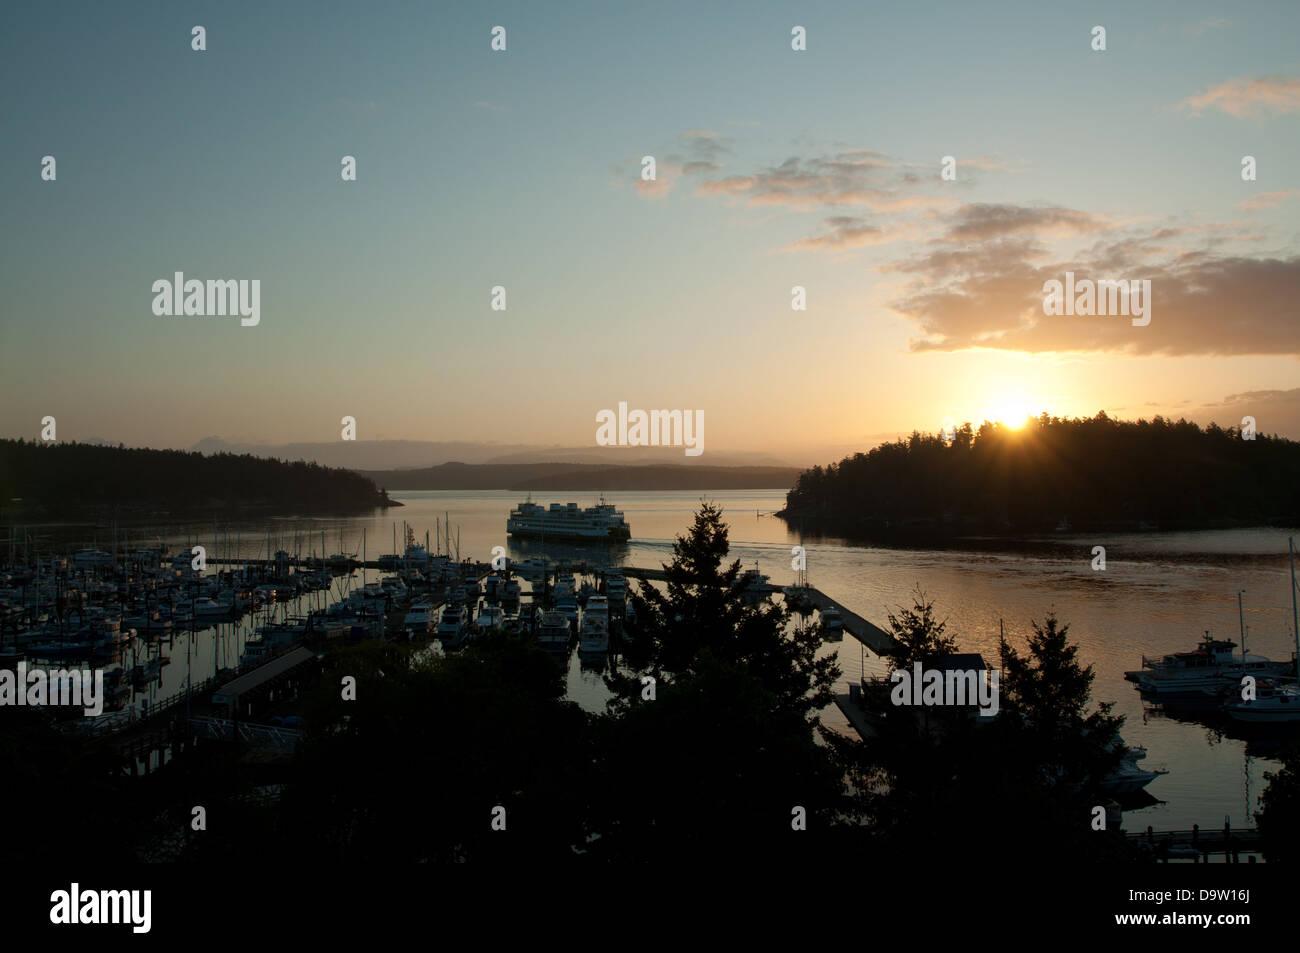 Washington State Ferry leaving Friday Harbor on San Juan Island,Washington at sunrise. - Stock Image